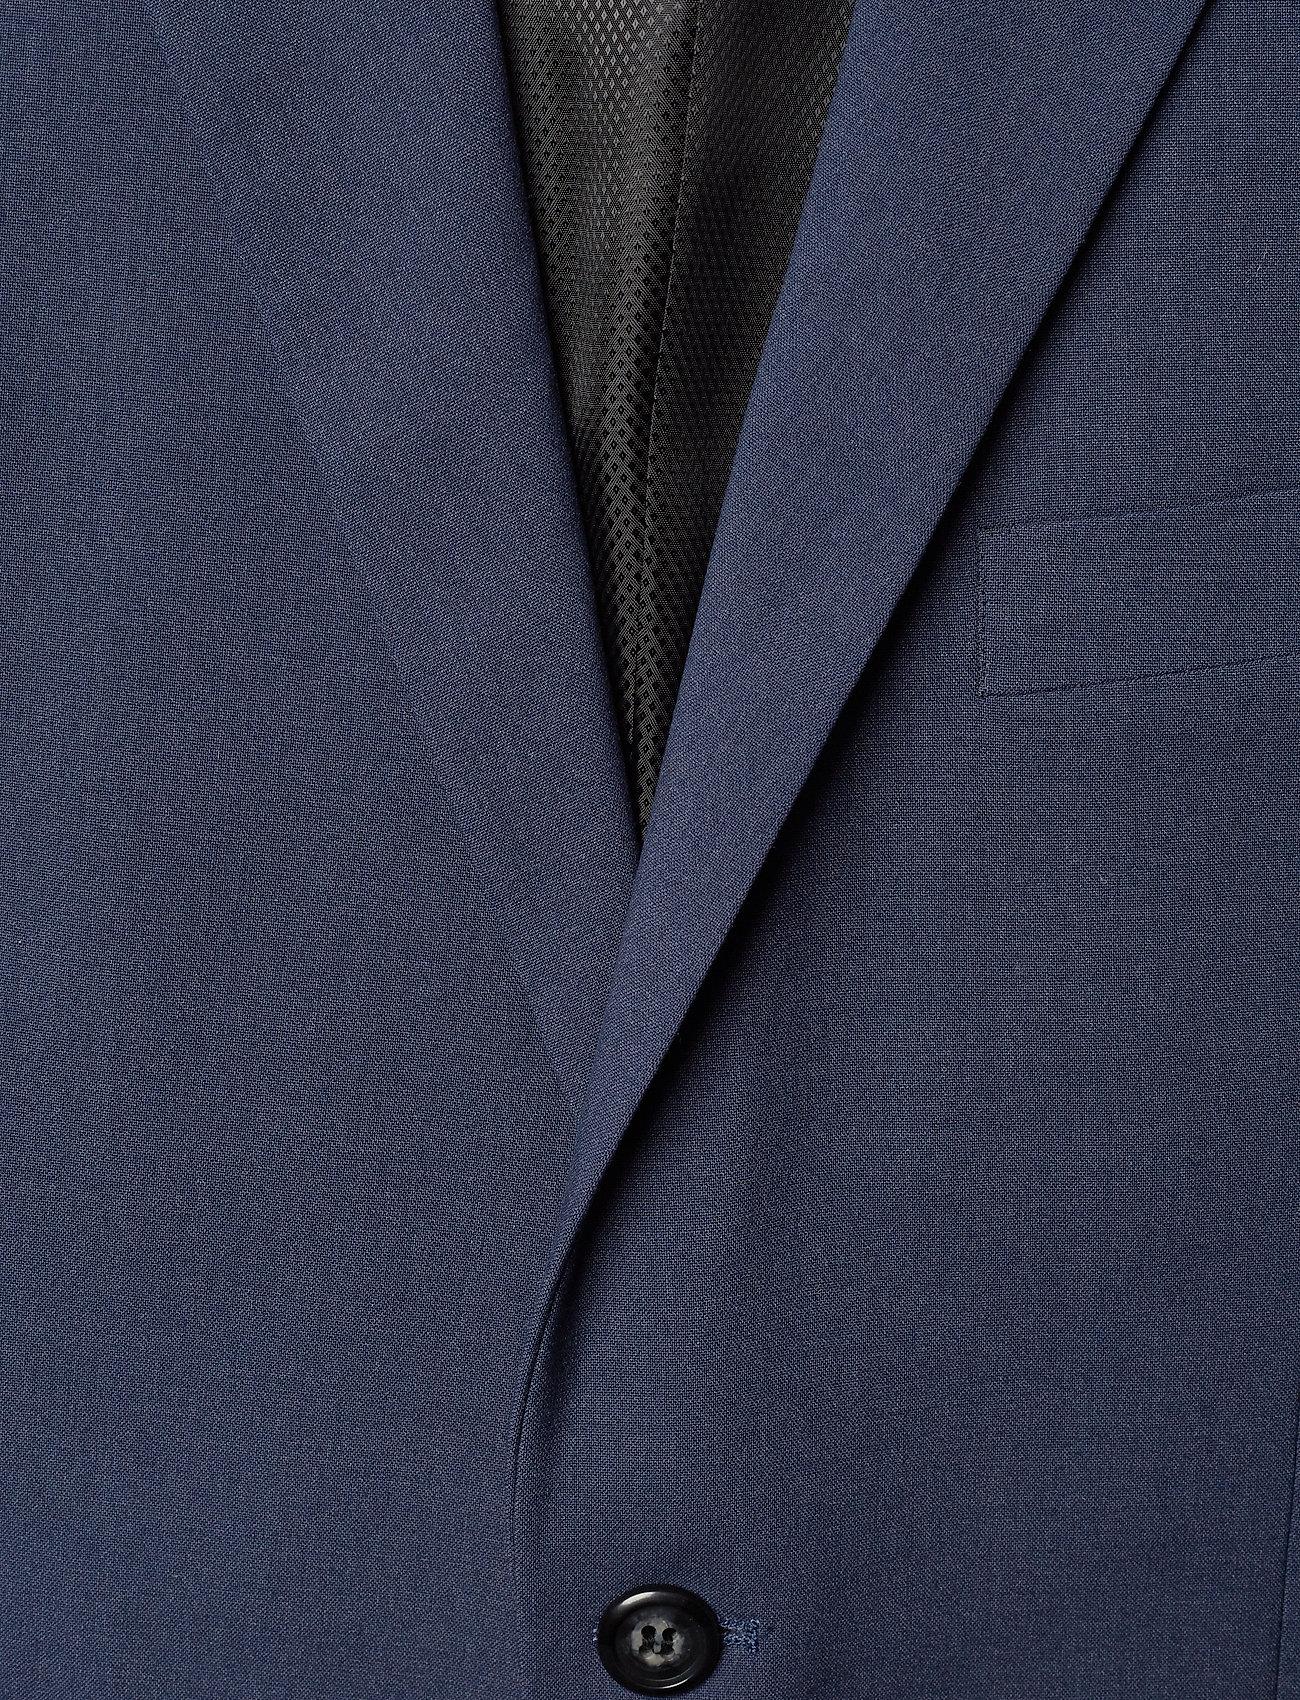 Lindbergh Plain mens suit - Dresser & blazere BLUE MEL - Menn Klær